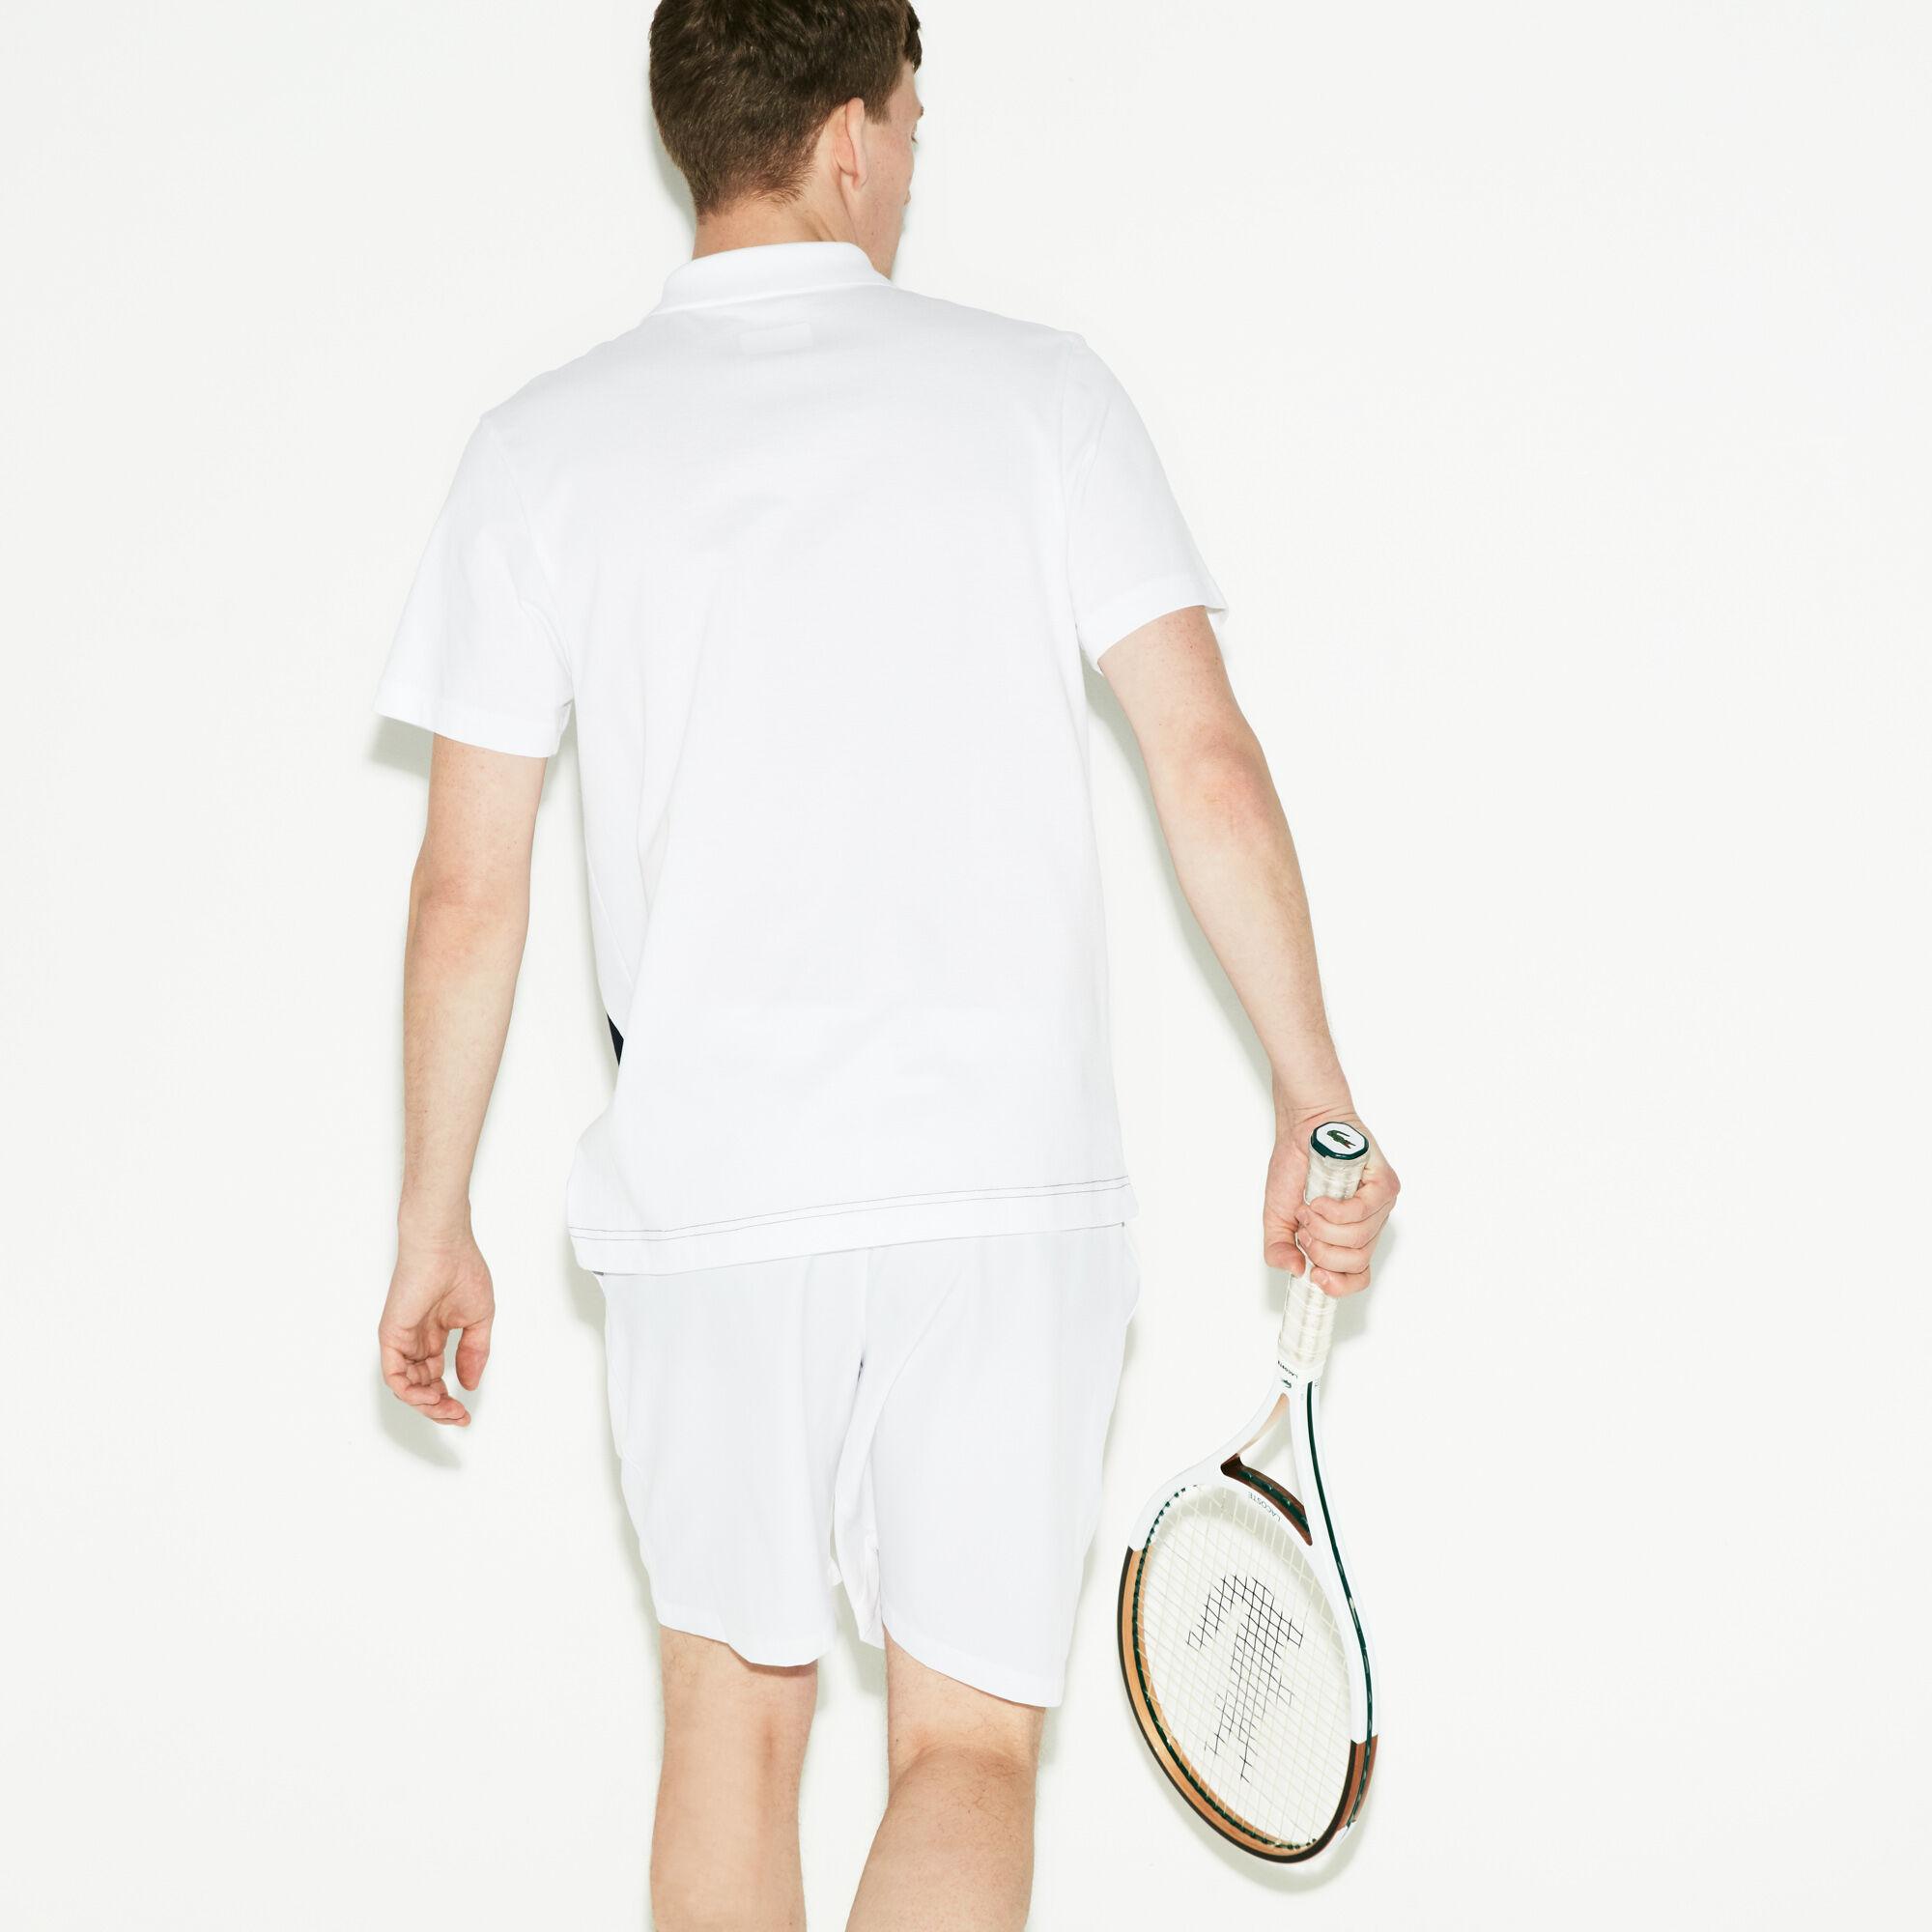 قميص تنس بولو للرجال من قطن شديد الخفة وألوان متعددة من مجموعة Lacoste SPORT